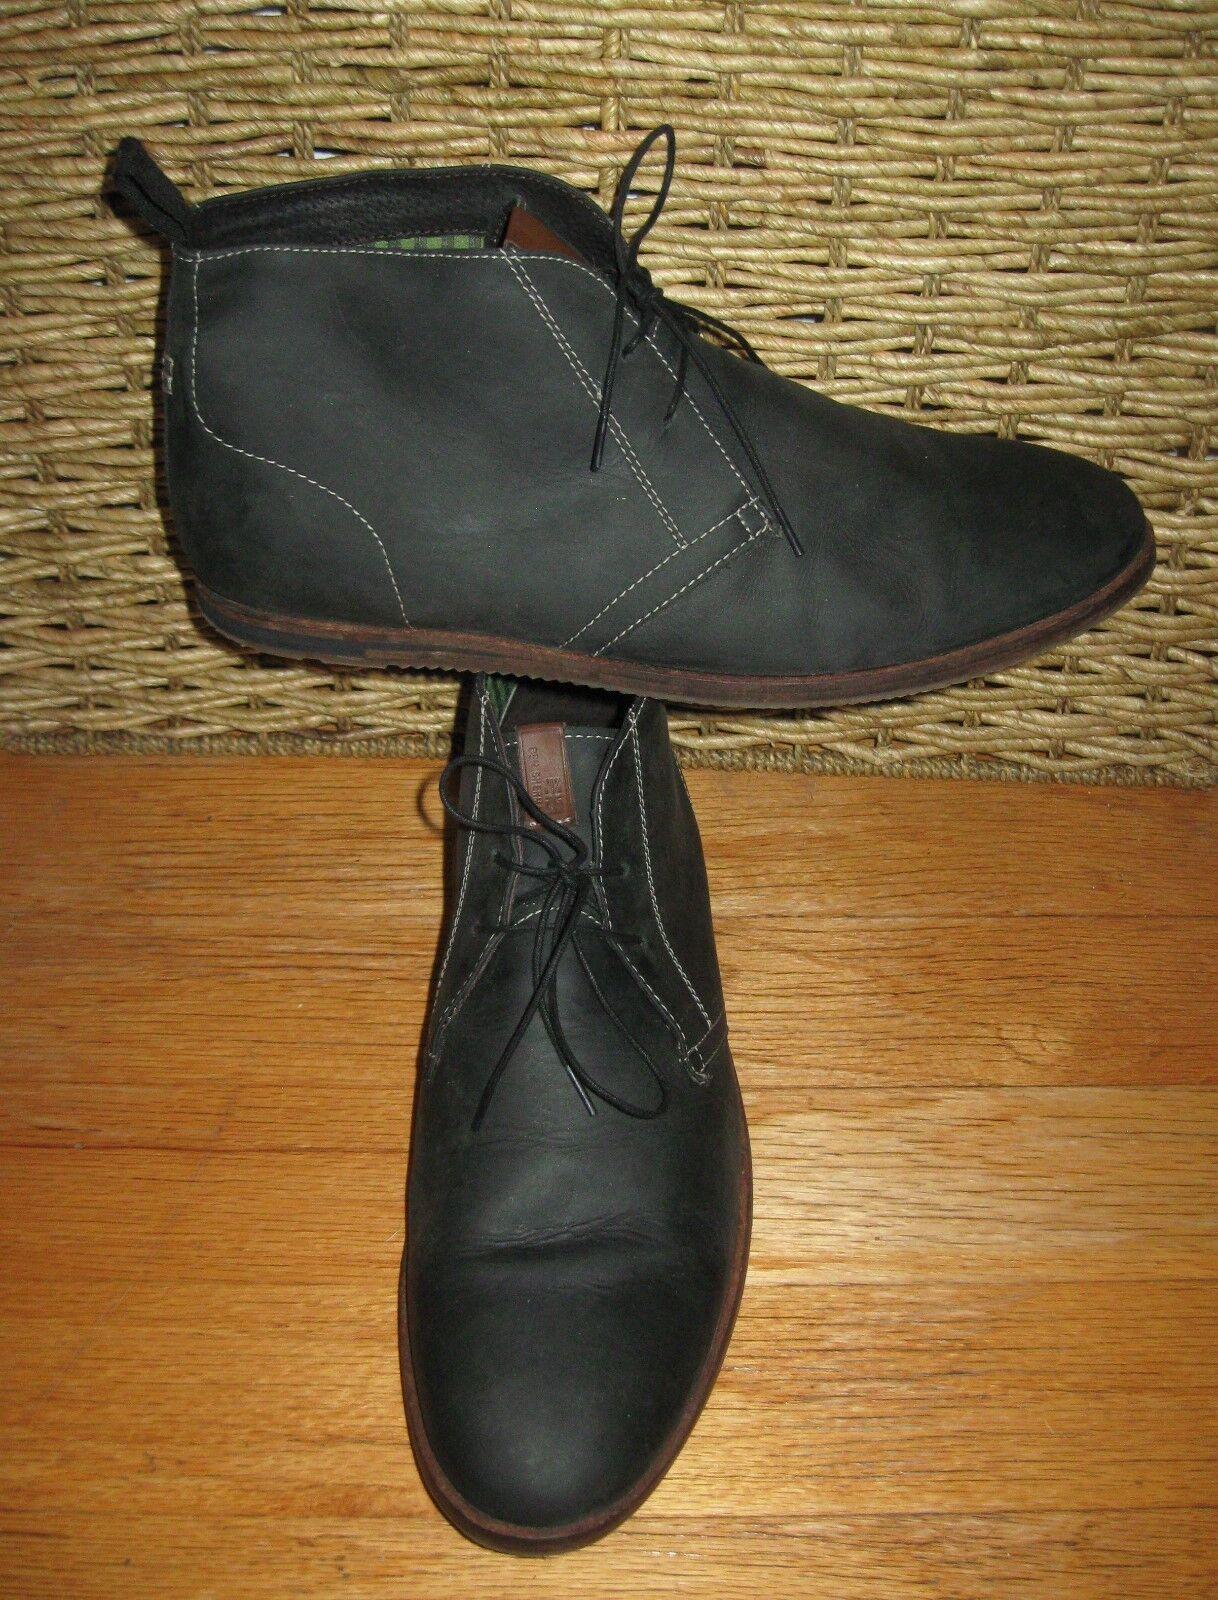 Ben sherman uomini di pelle verde - chukka lace-up stivali taglia 12